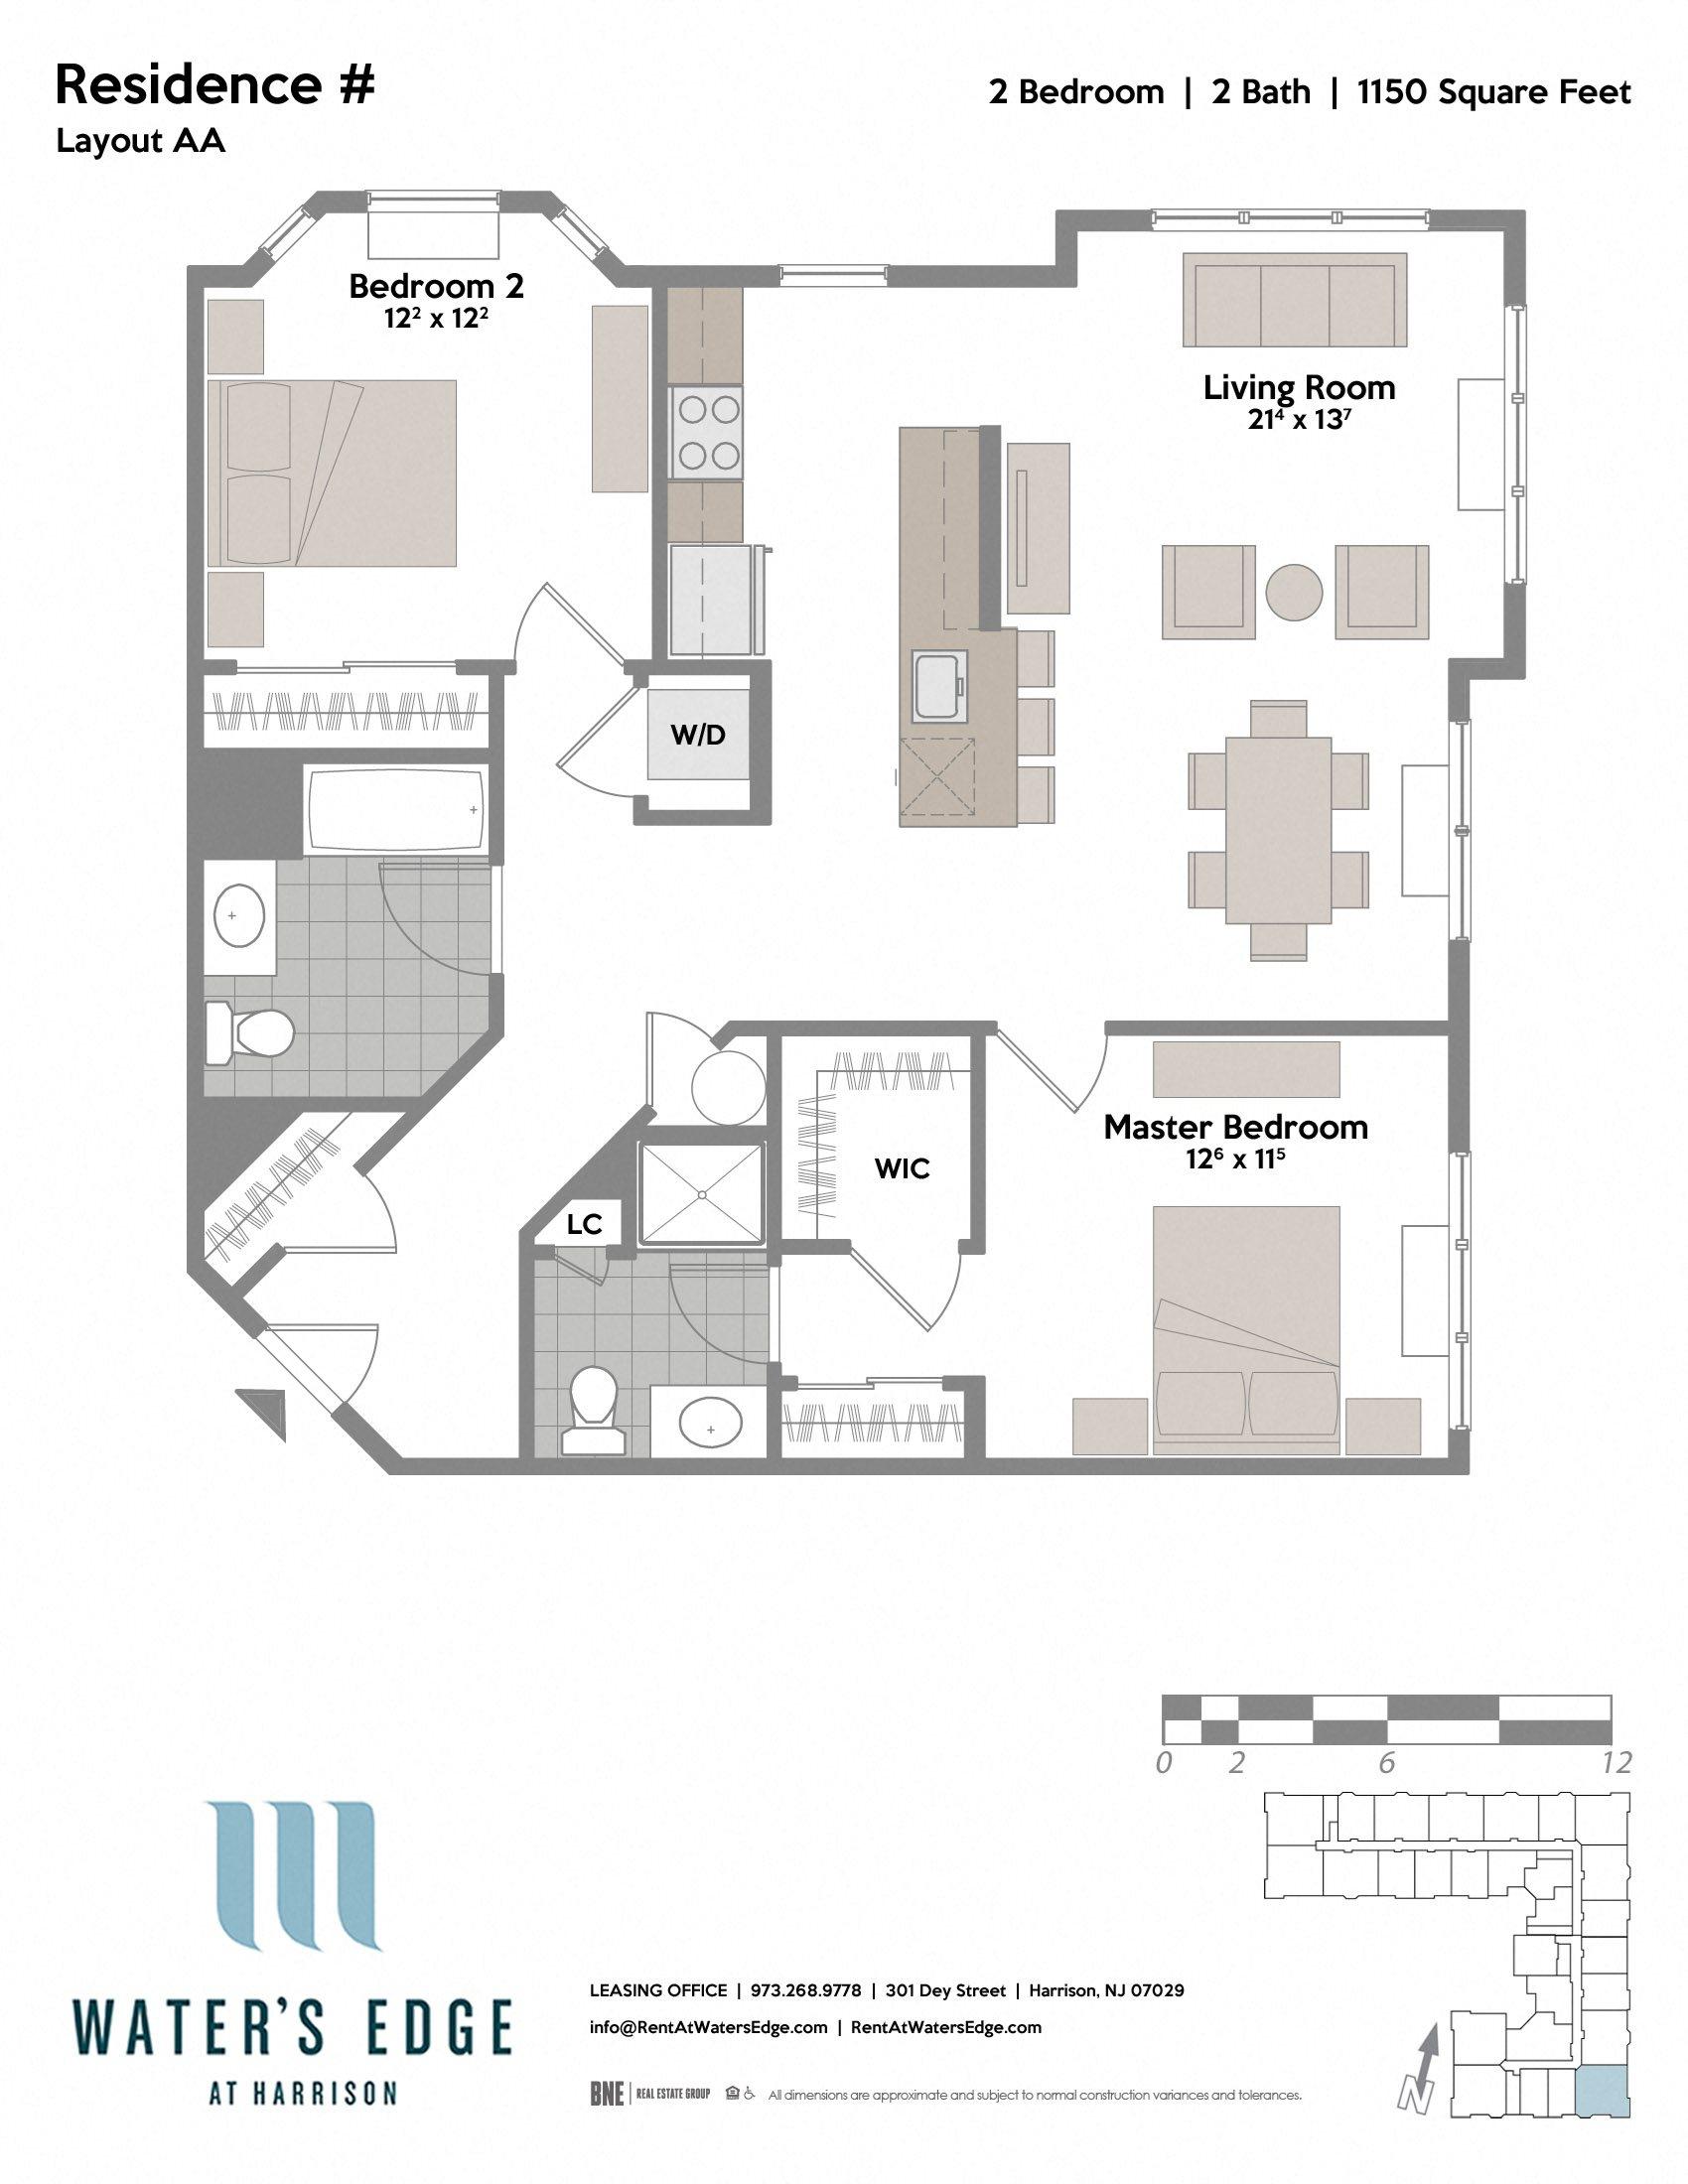 Layout AA Floor Plan 5